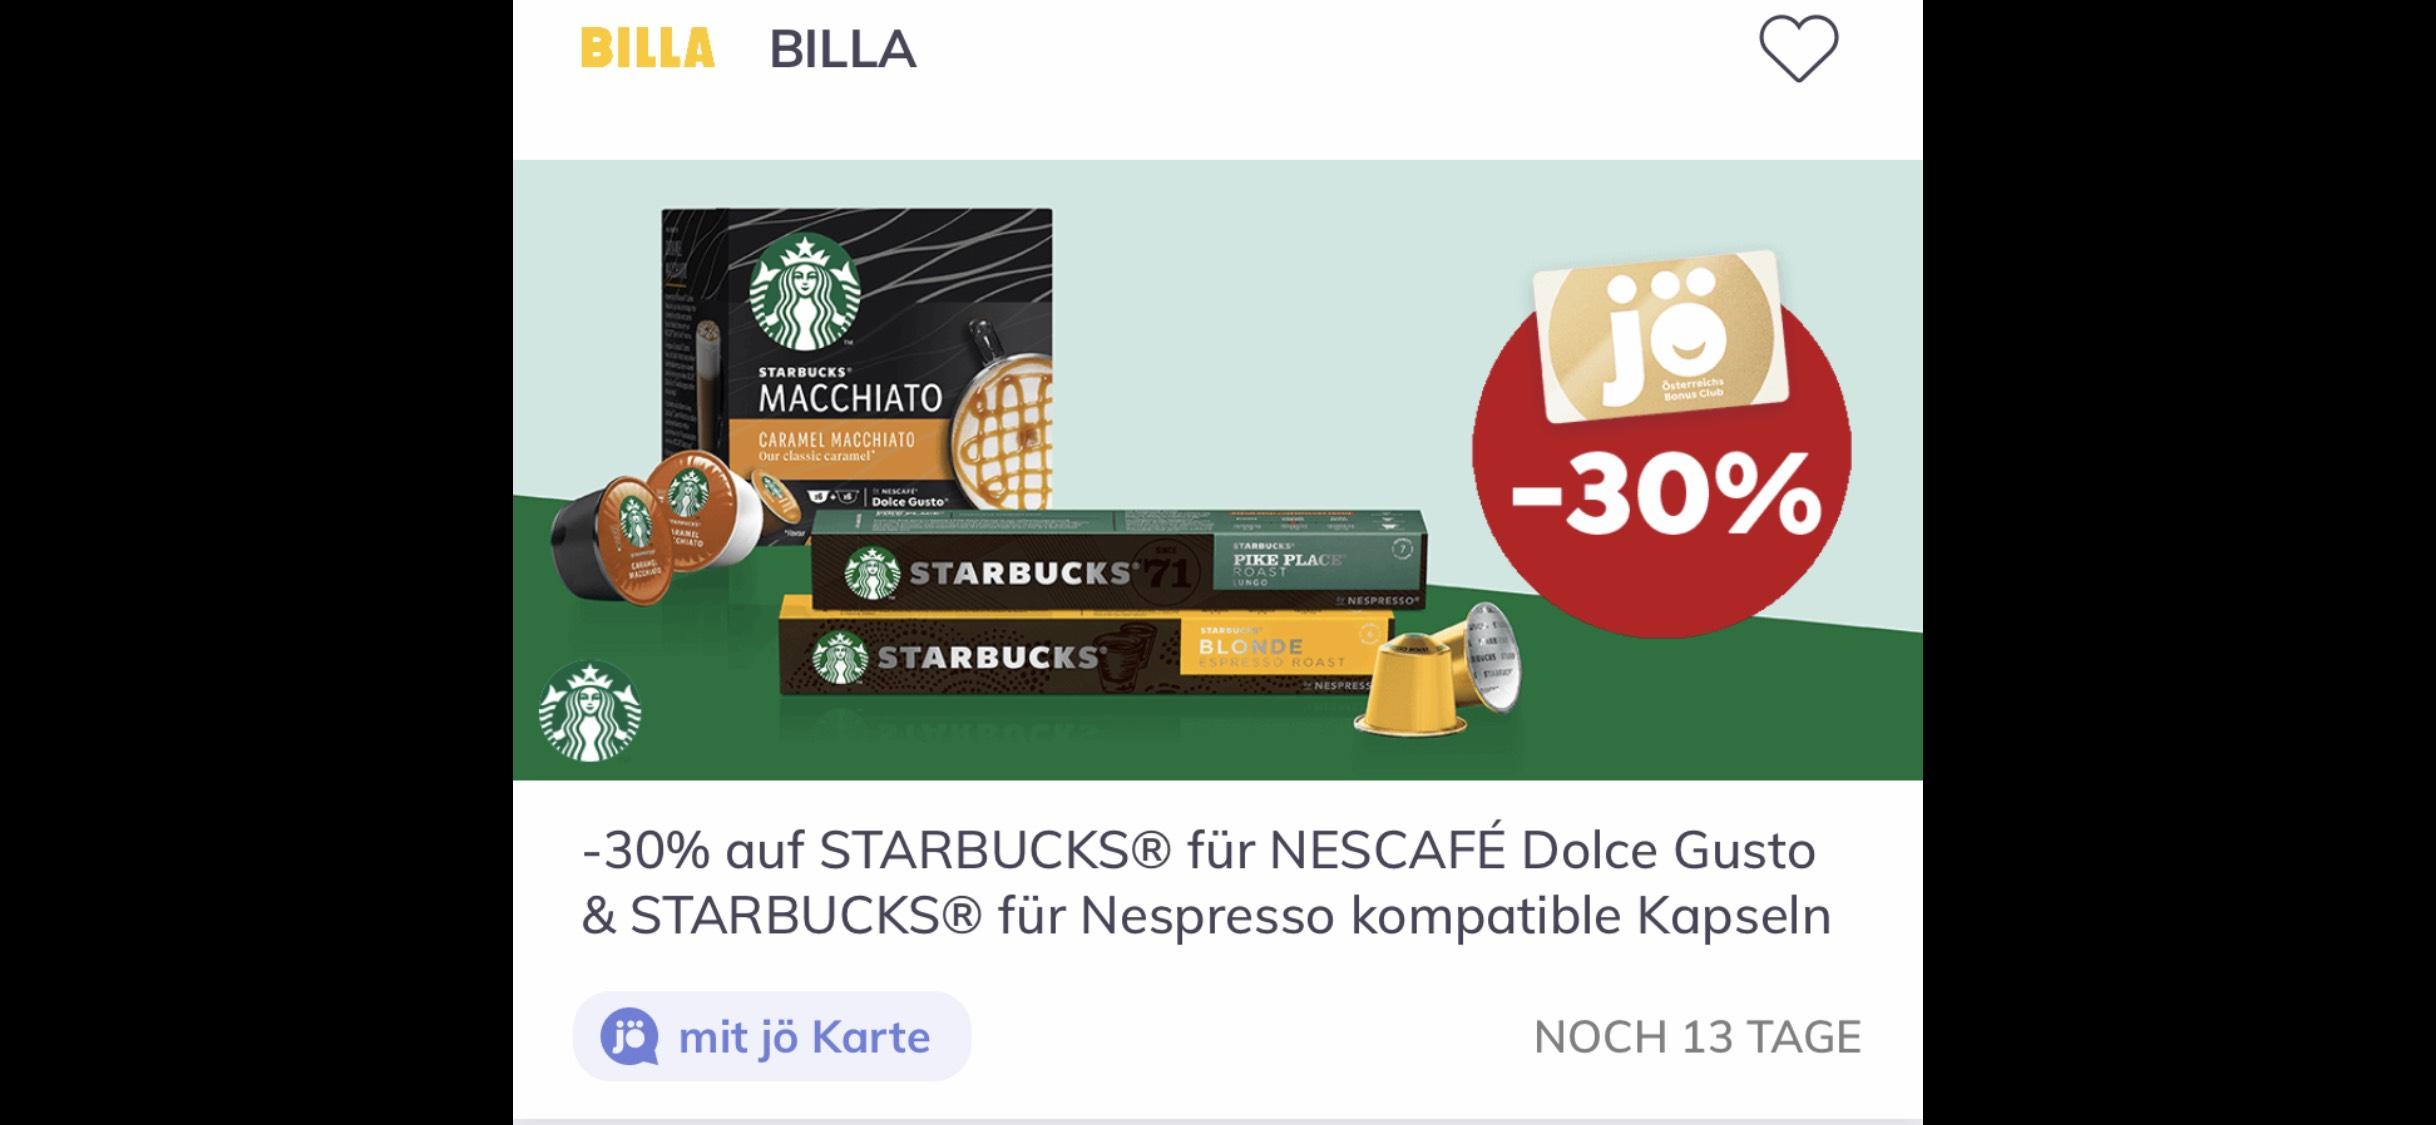 BILLA: Mit der Jö Karte gibts -30% auf STARBUCKS - Kaffee (Dolce Gusto & Nespresso)